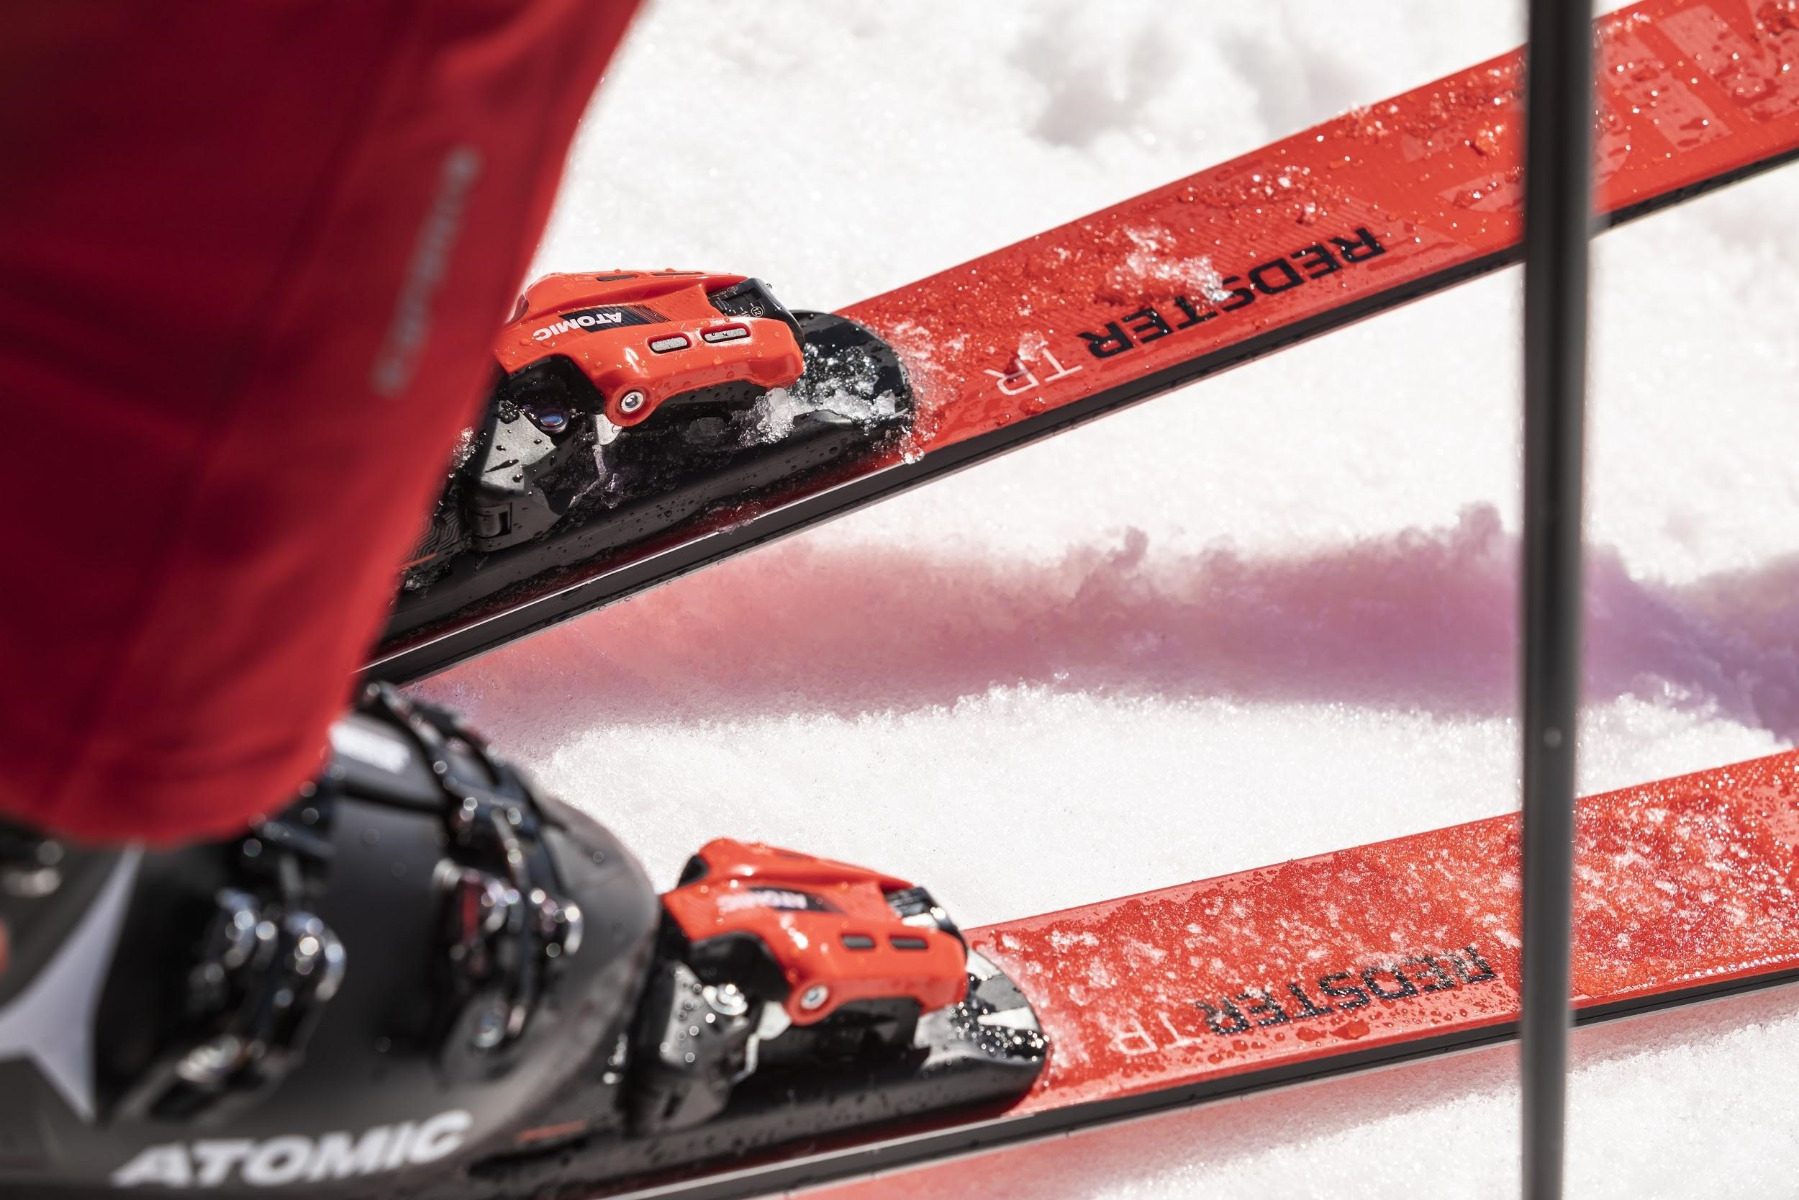 Auch wer keine eigene Skiausrüstung besitzt, kann das Skifahren lernen